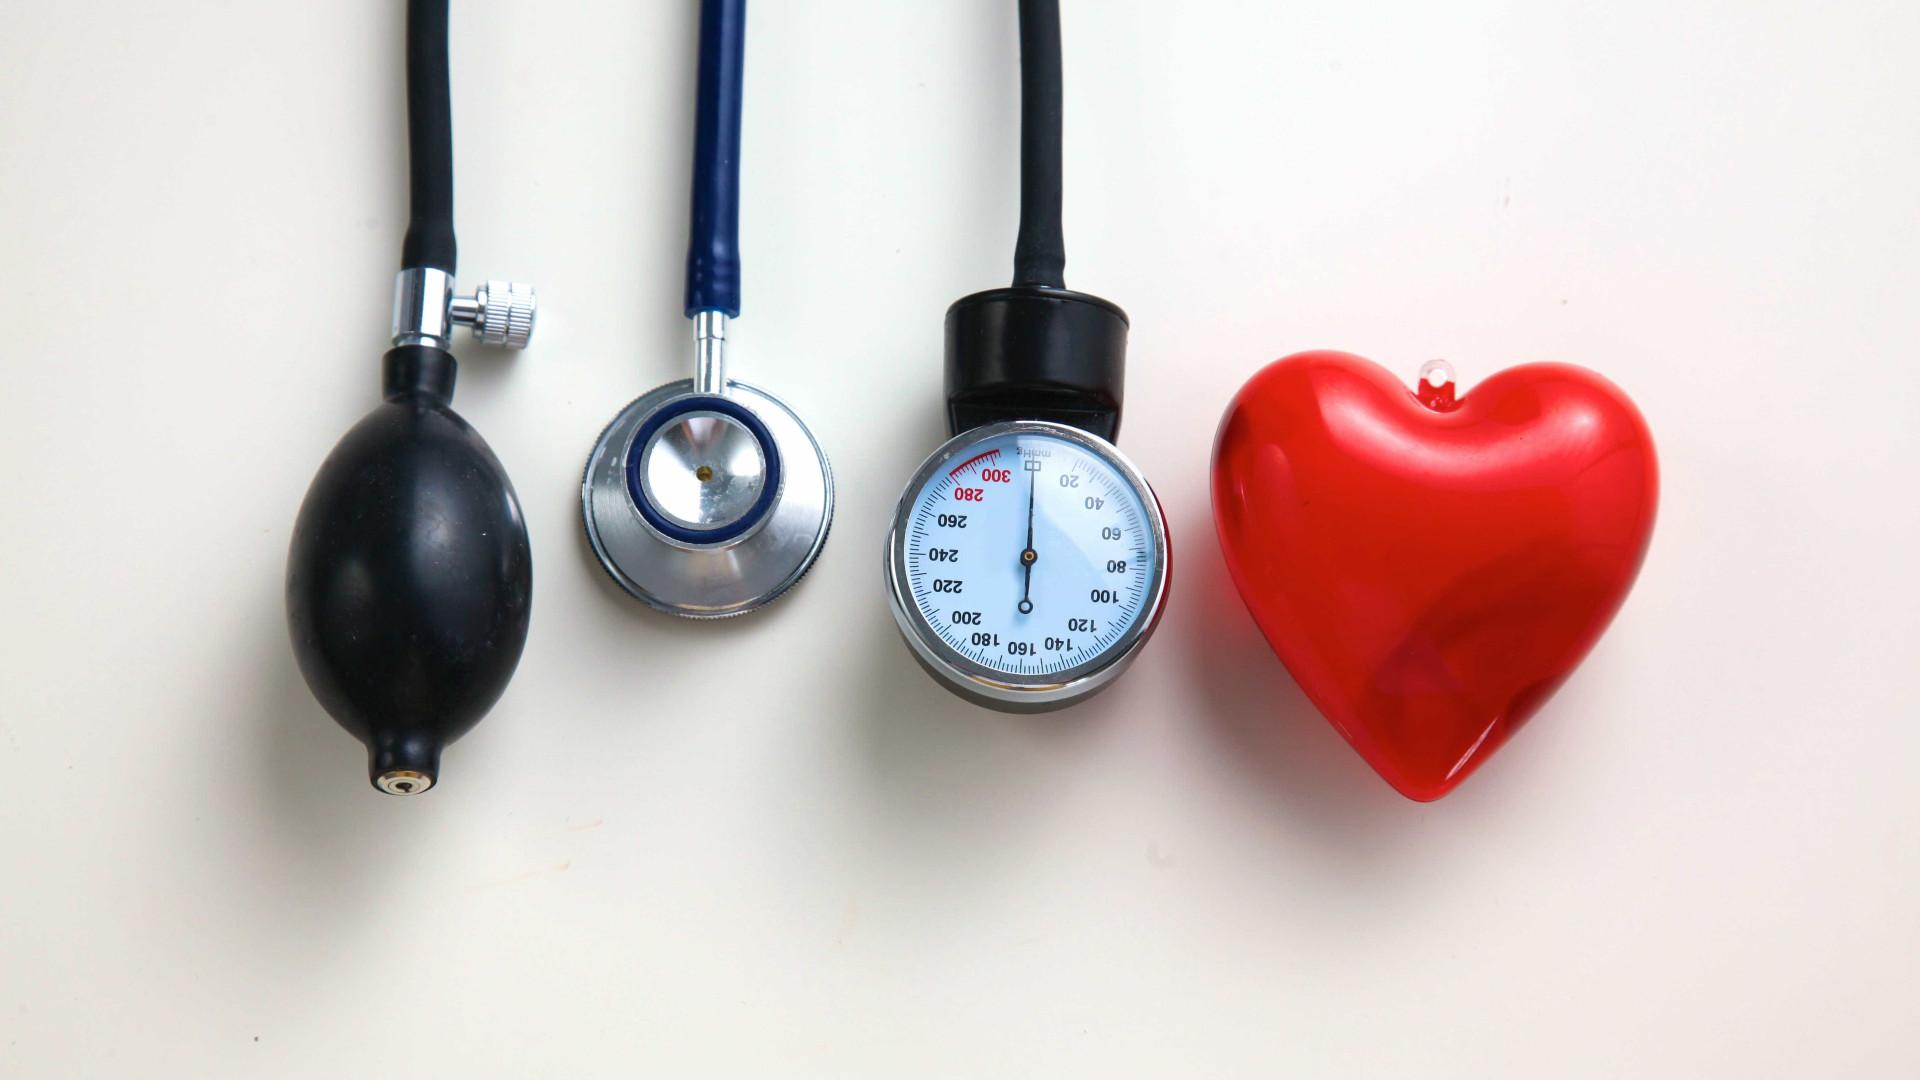 Garganta inflamada pode causar doenças cardíacas, você sabia? Entenda